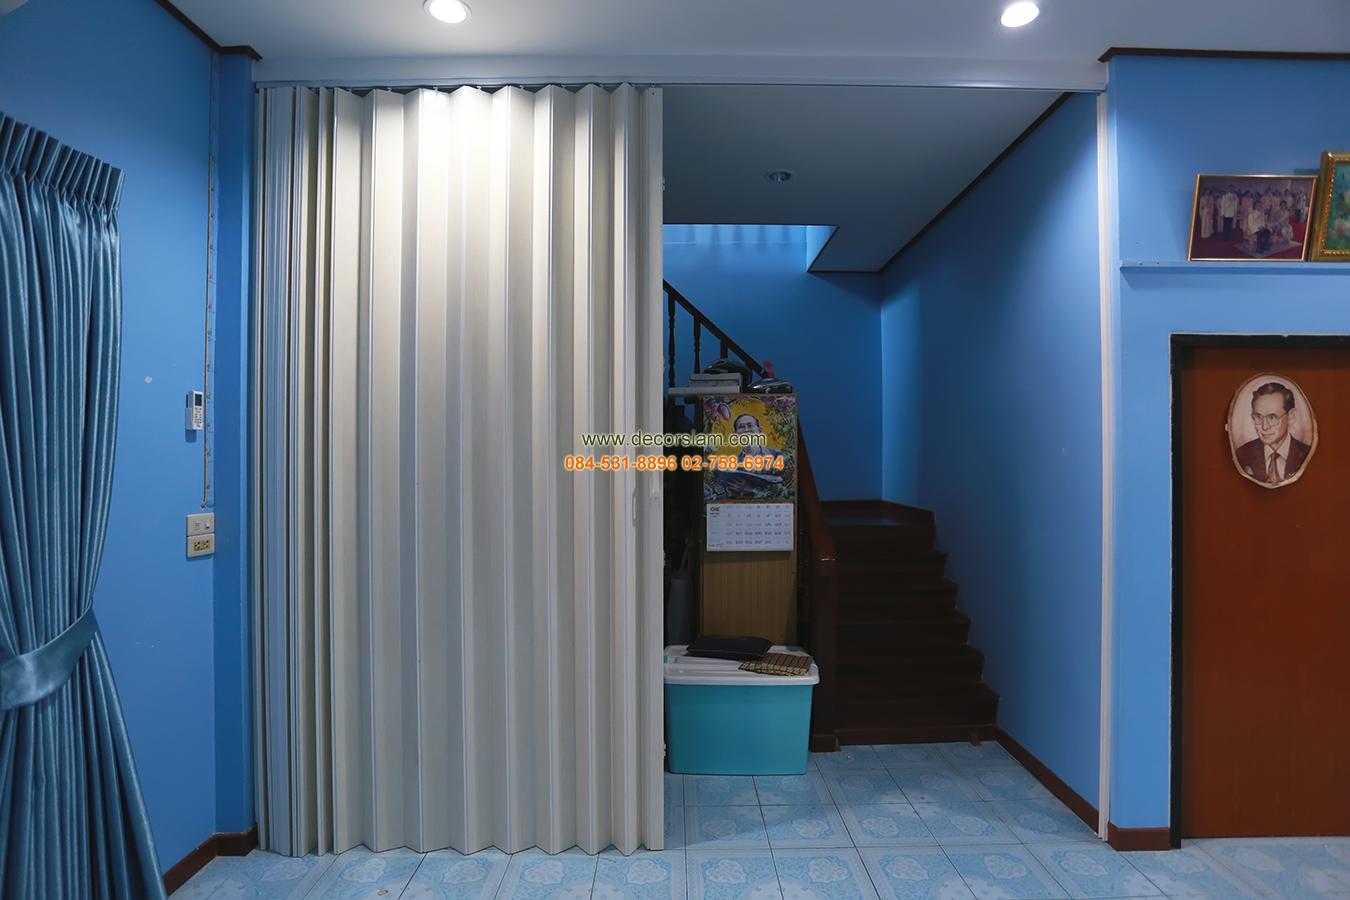 ฉากกั้นห้องแบ่งสัดส่วนบ้านบางปู